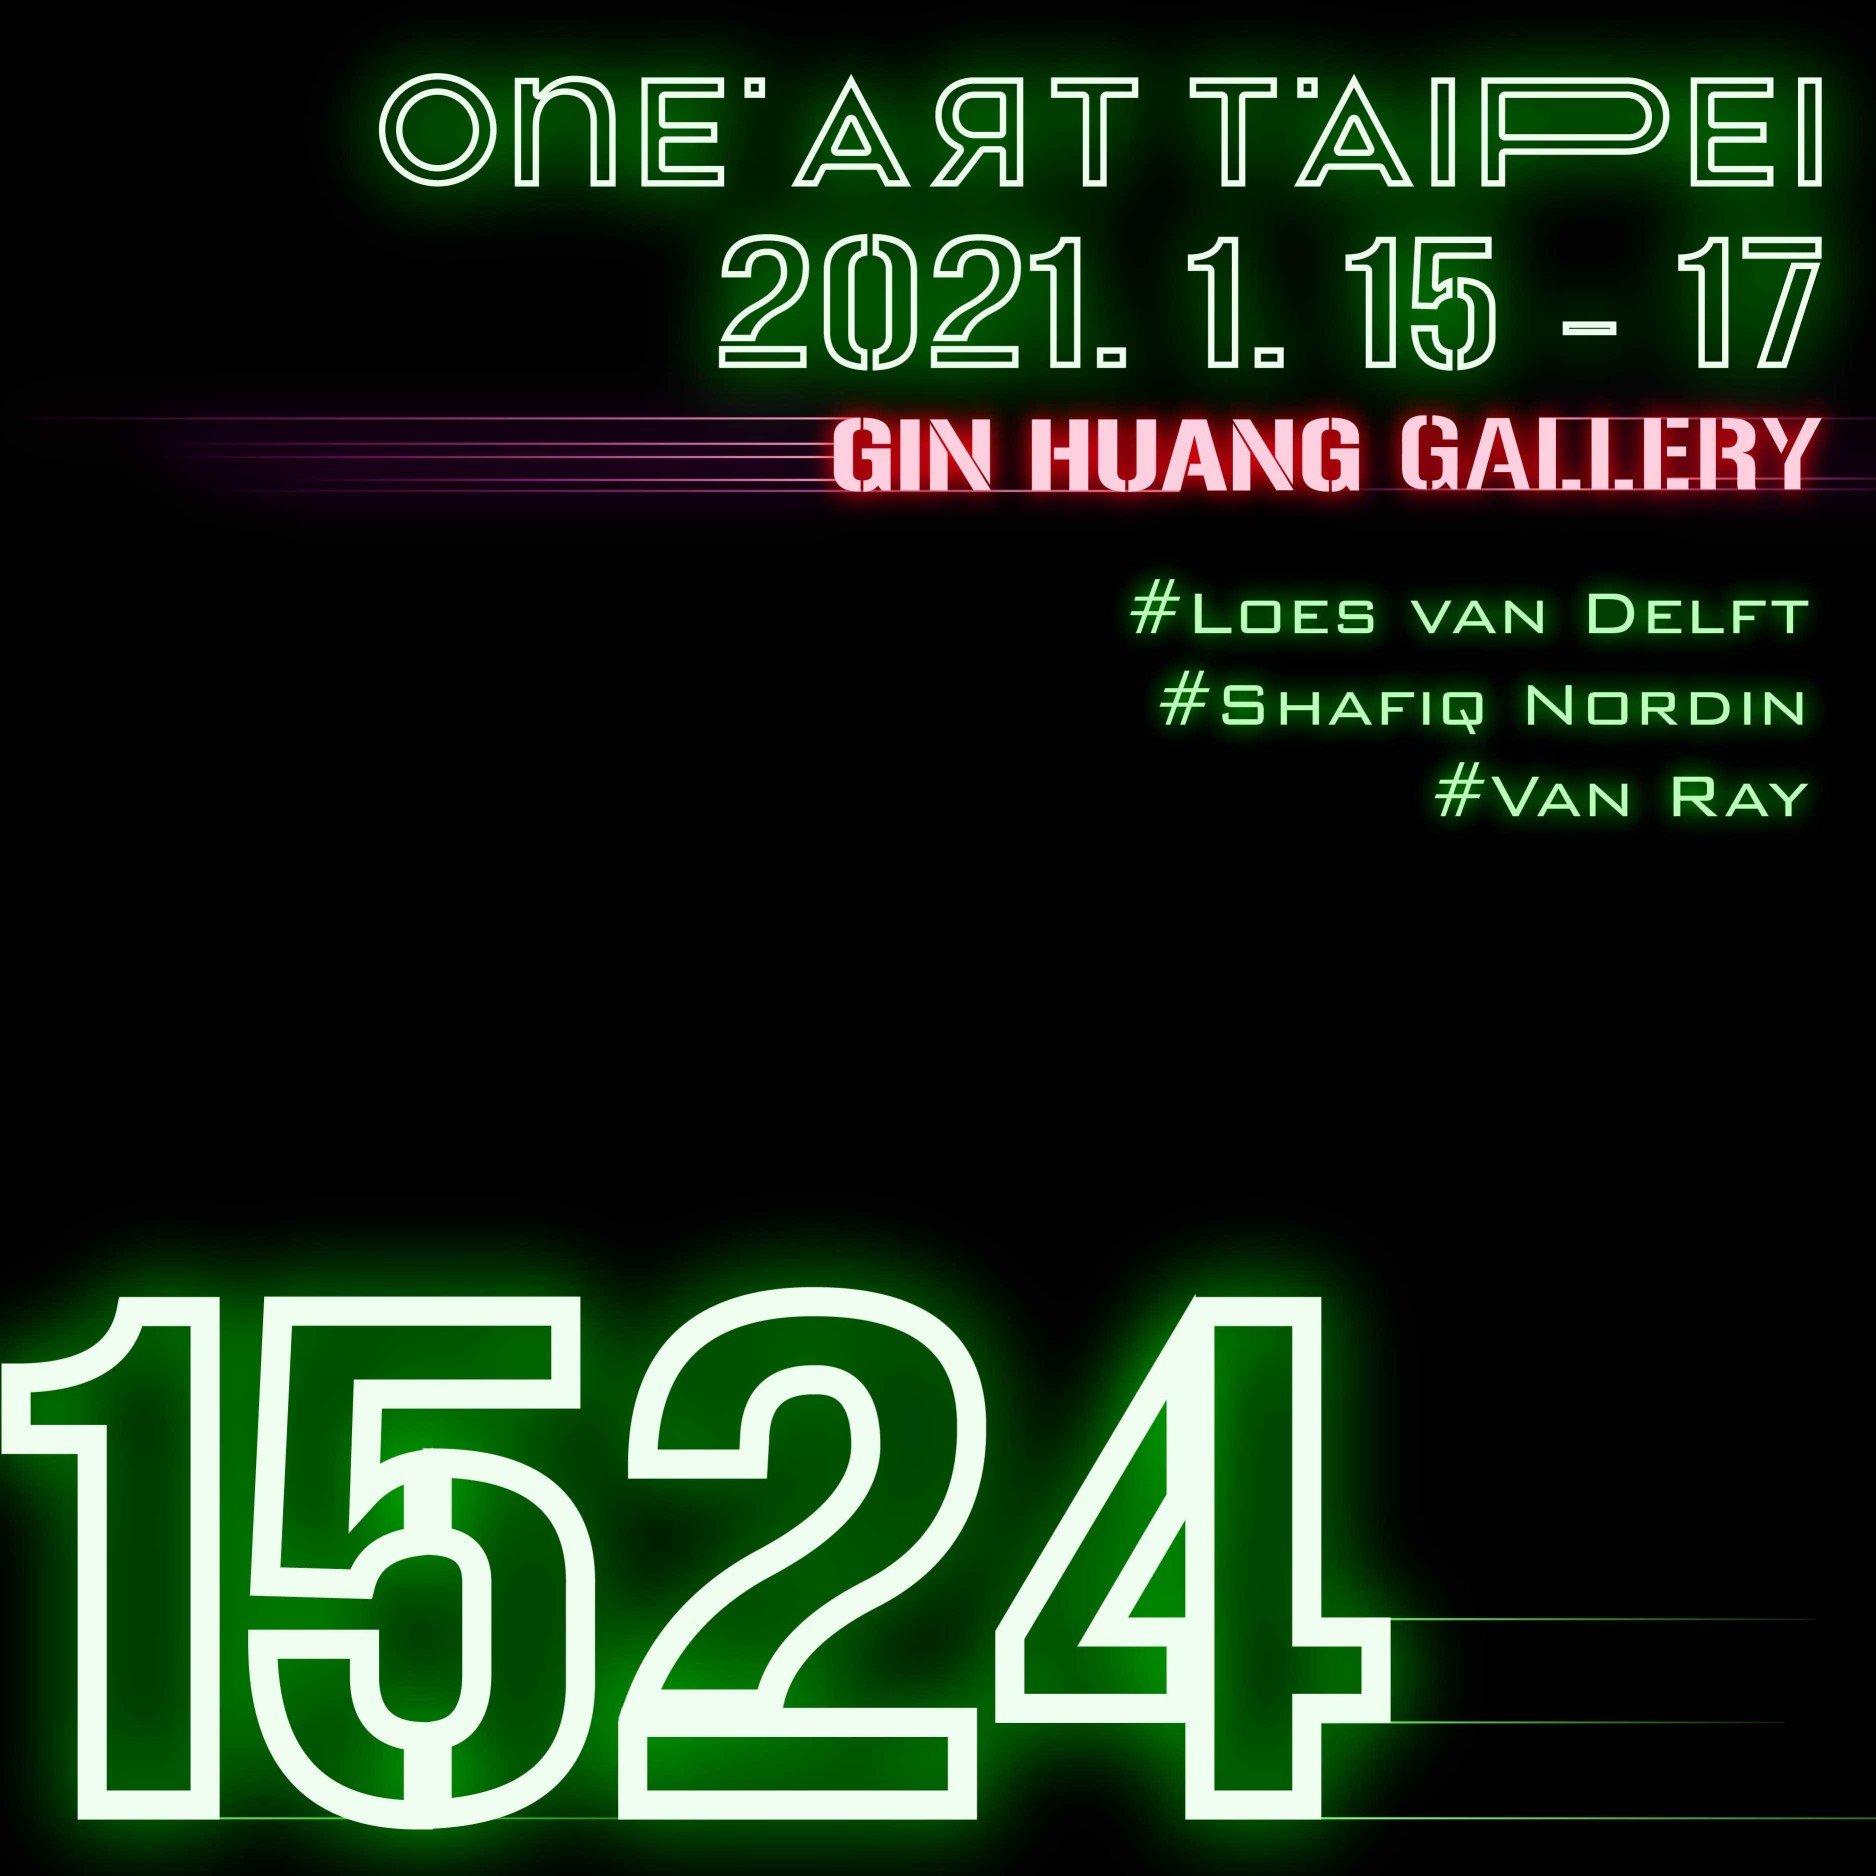 ONE ART Taipei 2021 x GIN HUANG Gallery